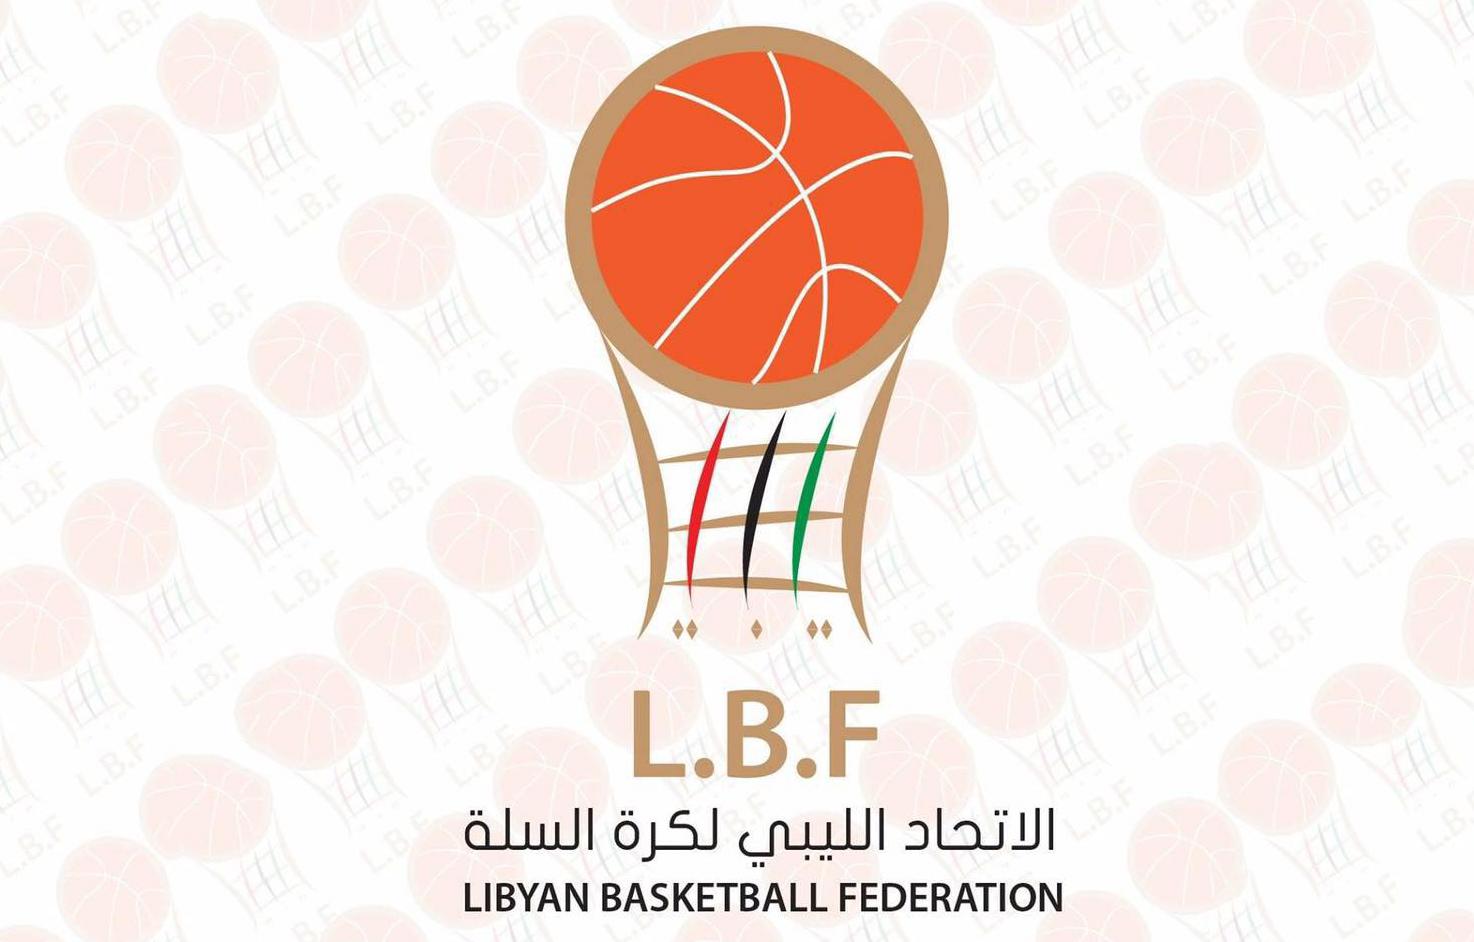 الاتحاد الليبي لكرة السلة